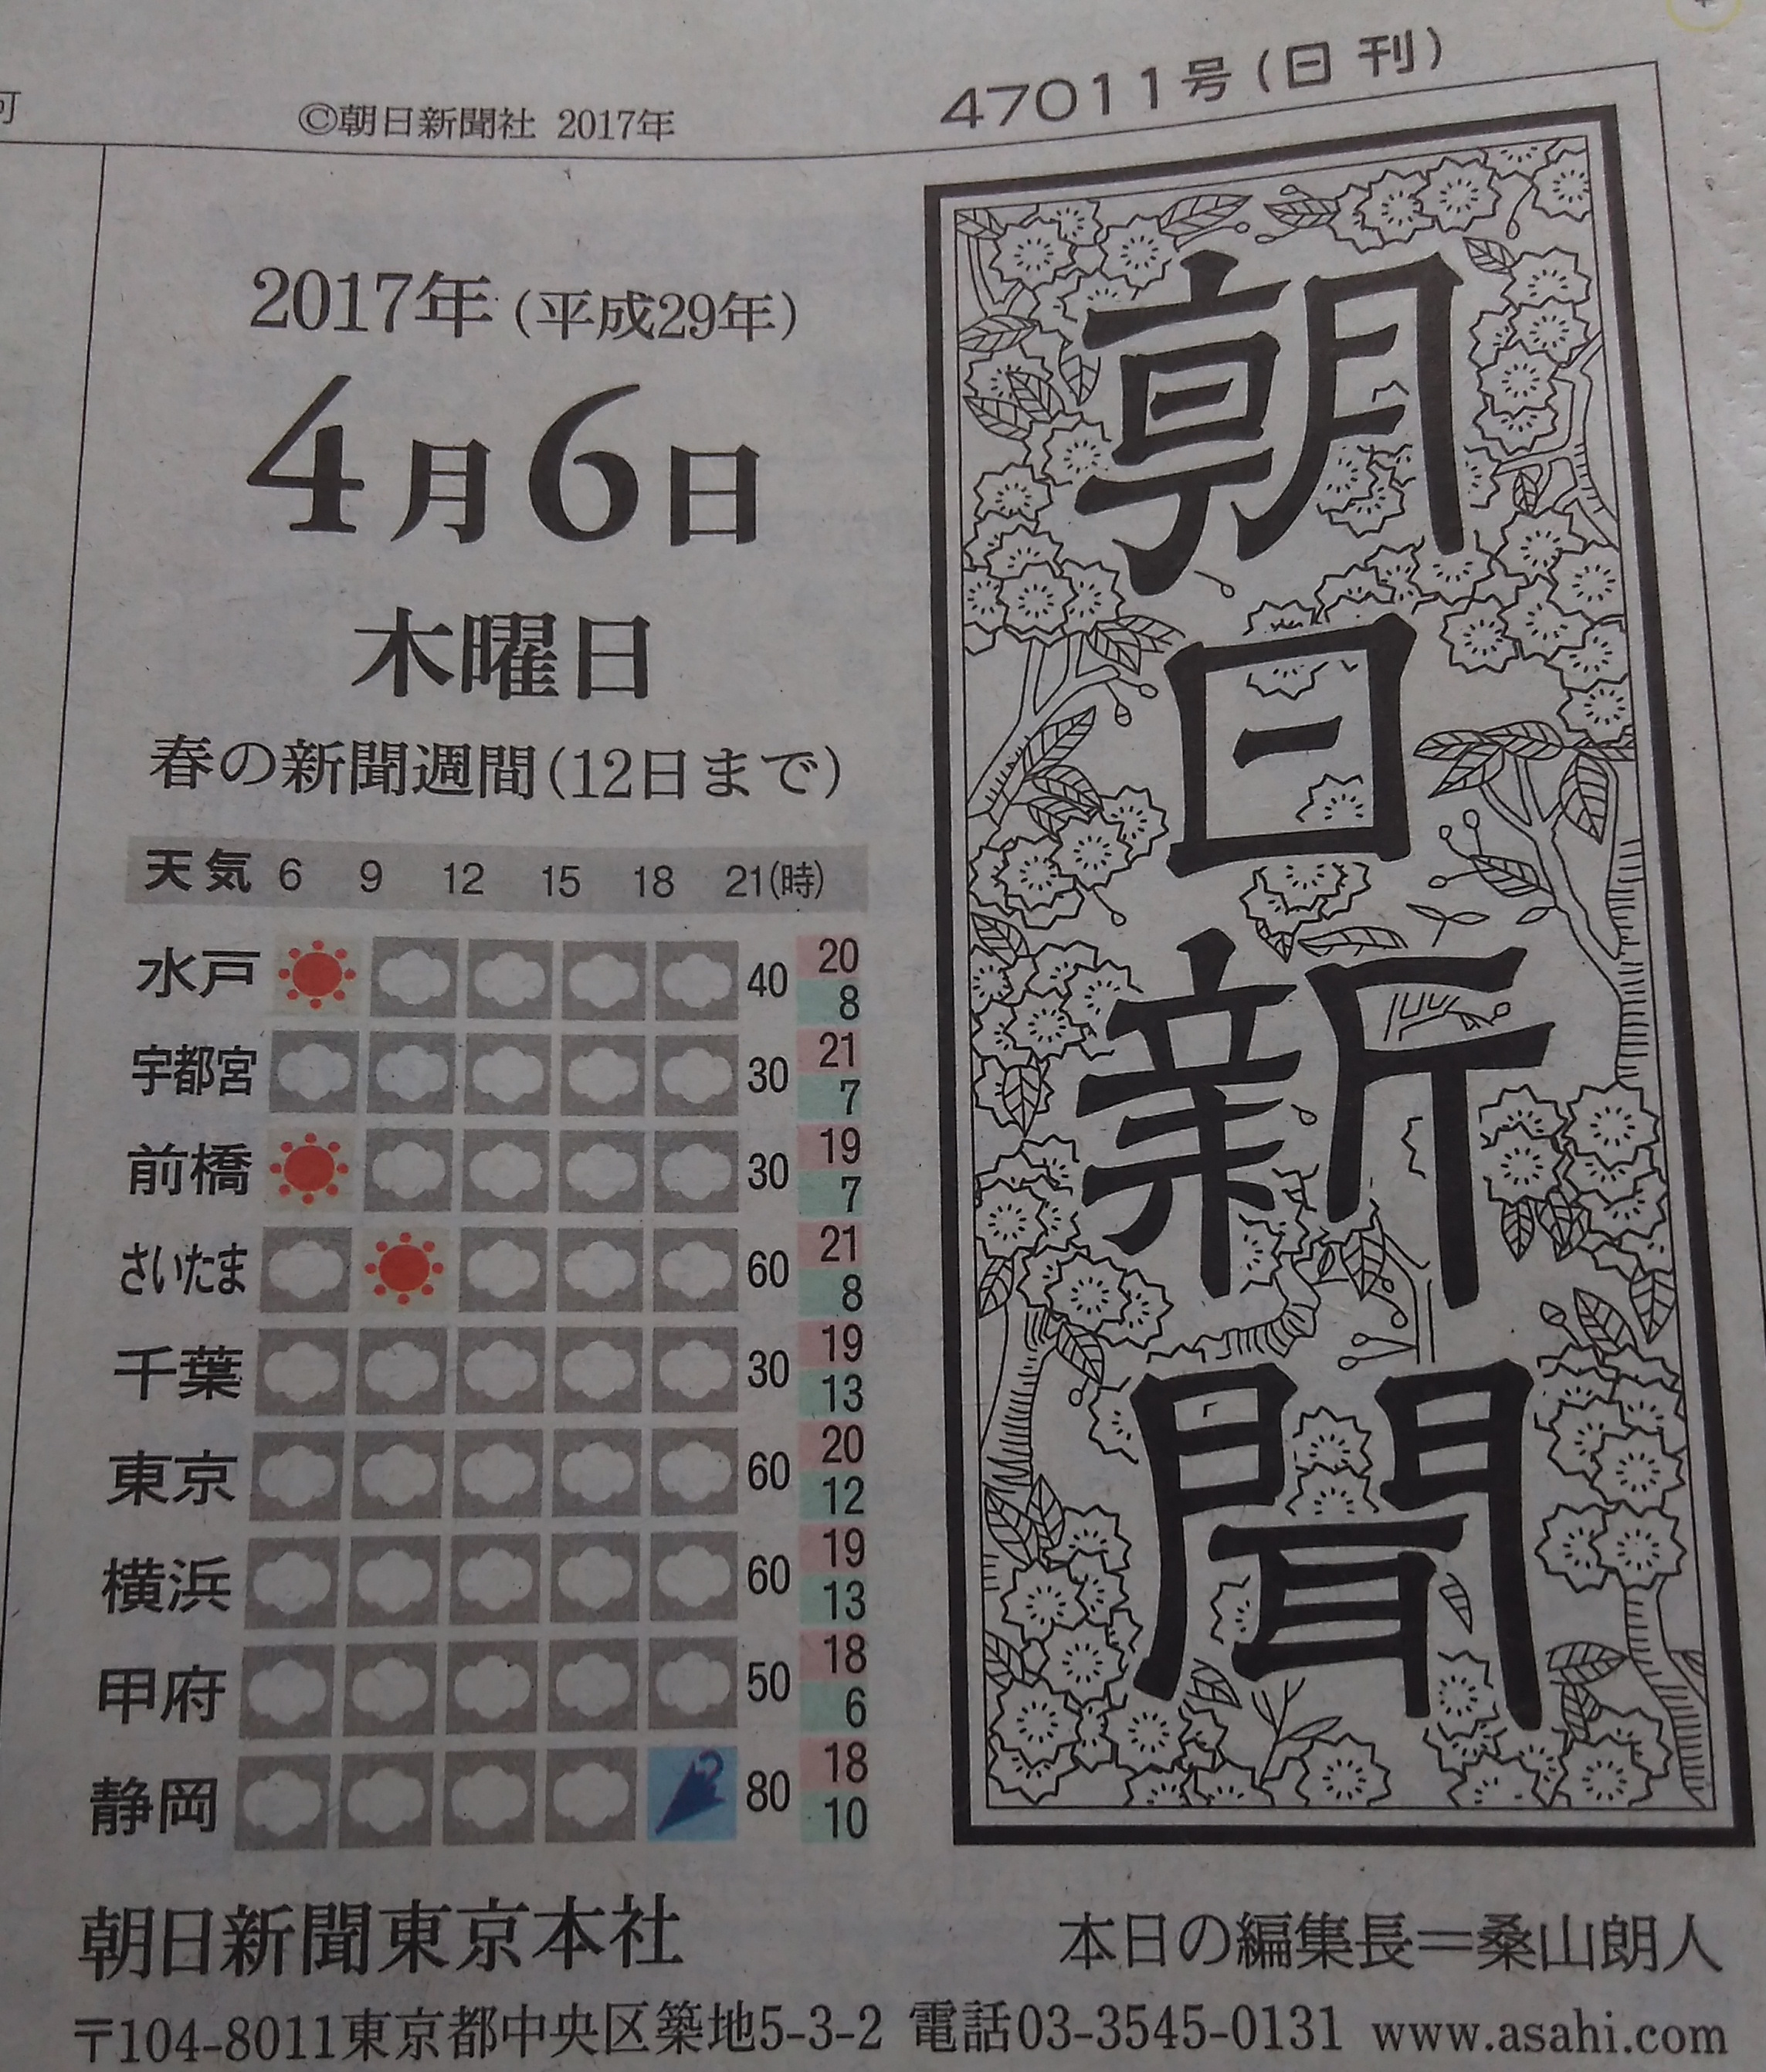 【本日の朝日新聞千葉首都圏版】ぷんぷく堂掲載されています。